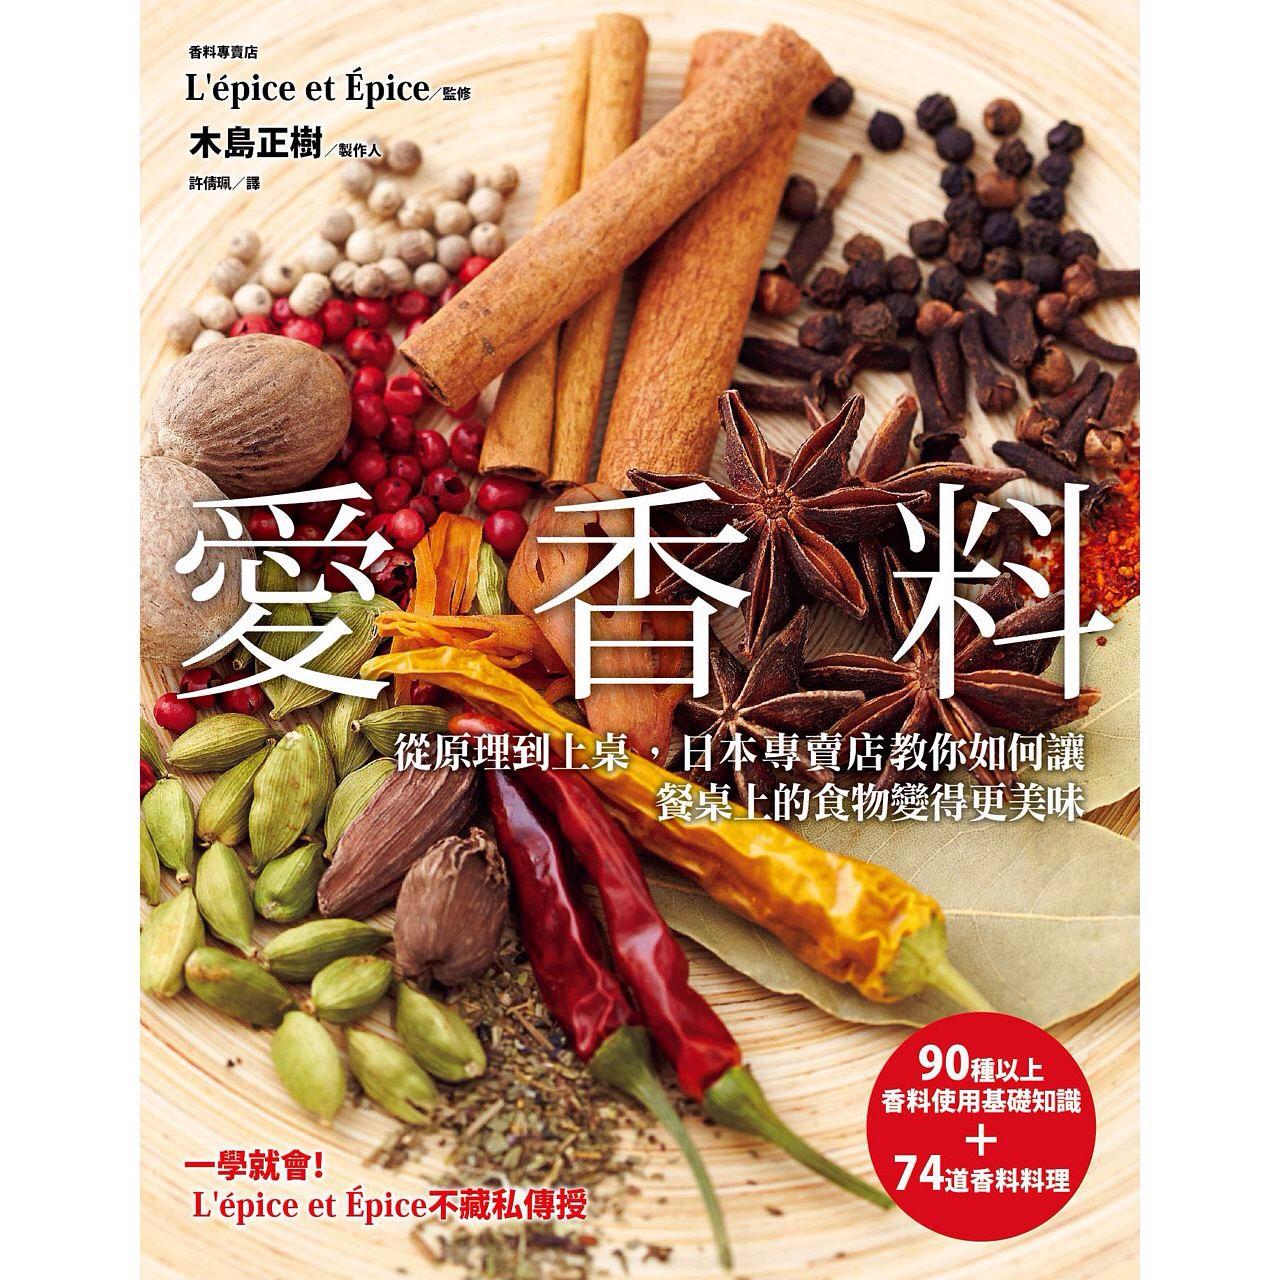 愛香料:從原理到上桌 日本專門店教你如何讓餐桌上的食物變得更美味